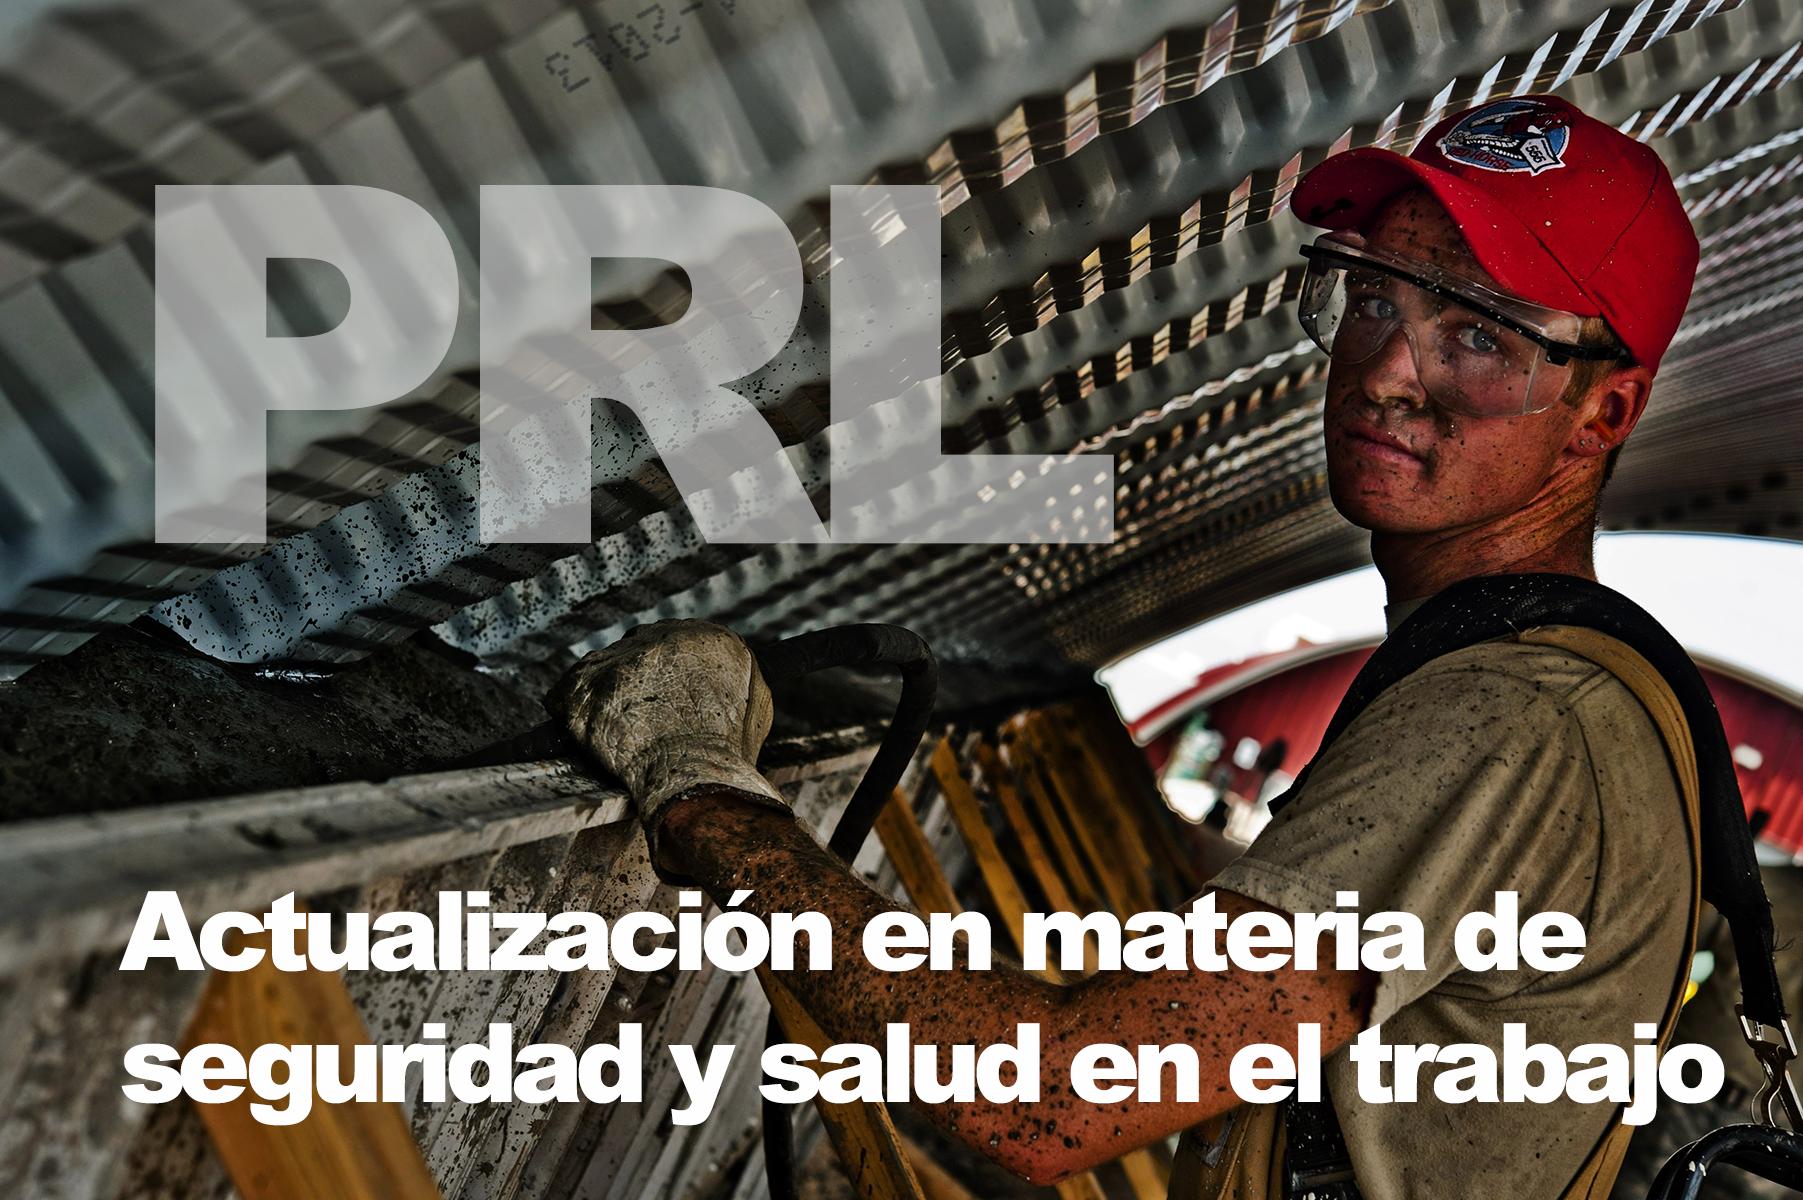 Prevención de Riesgos Laborales: actualización en materia de seguridad y salud en el trabajo